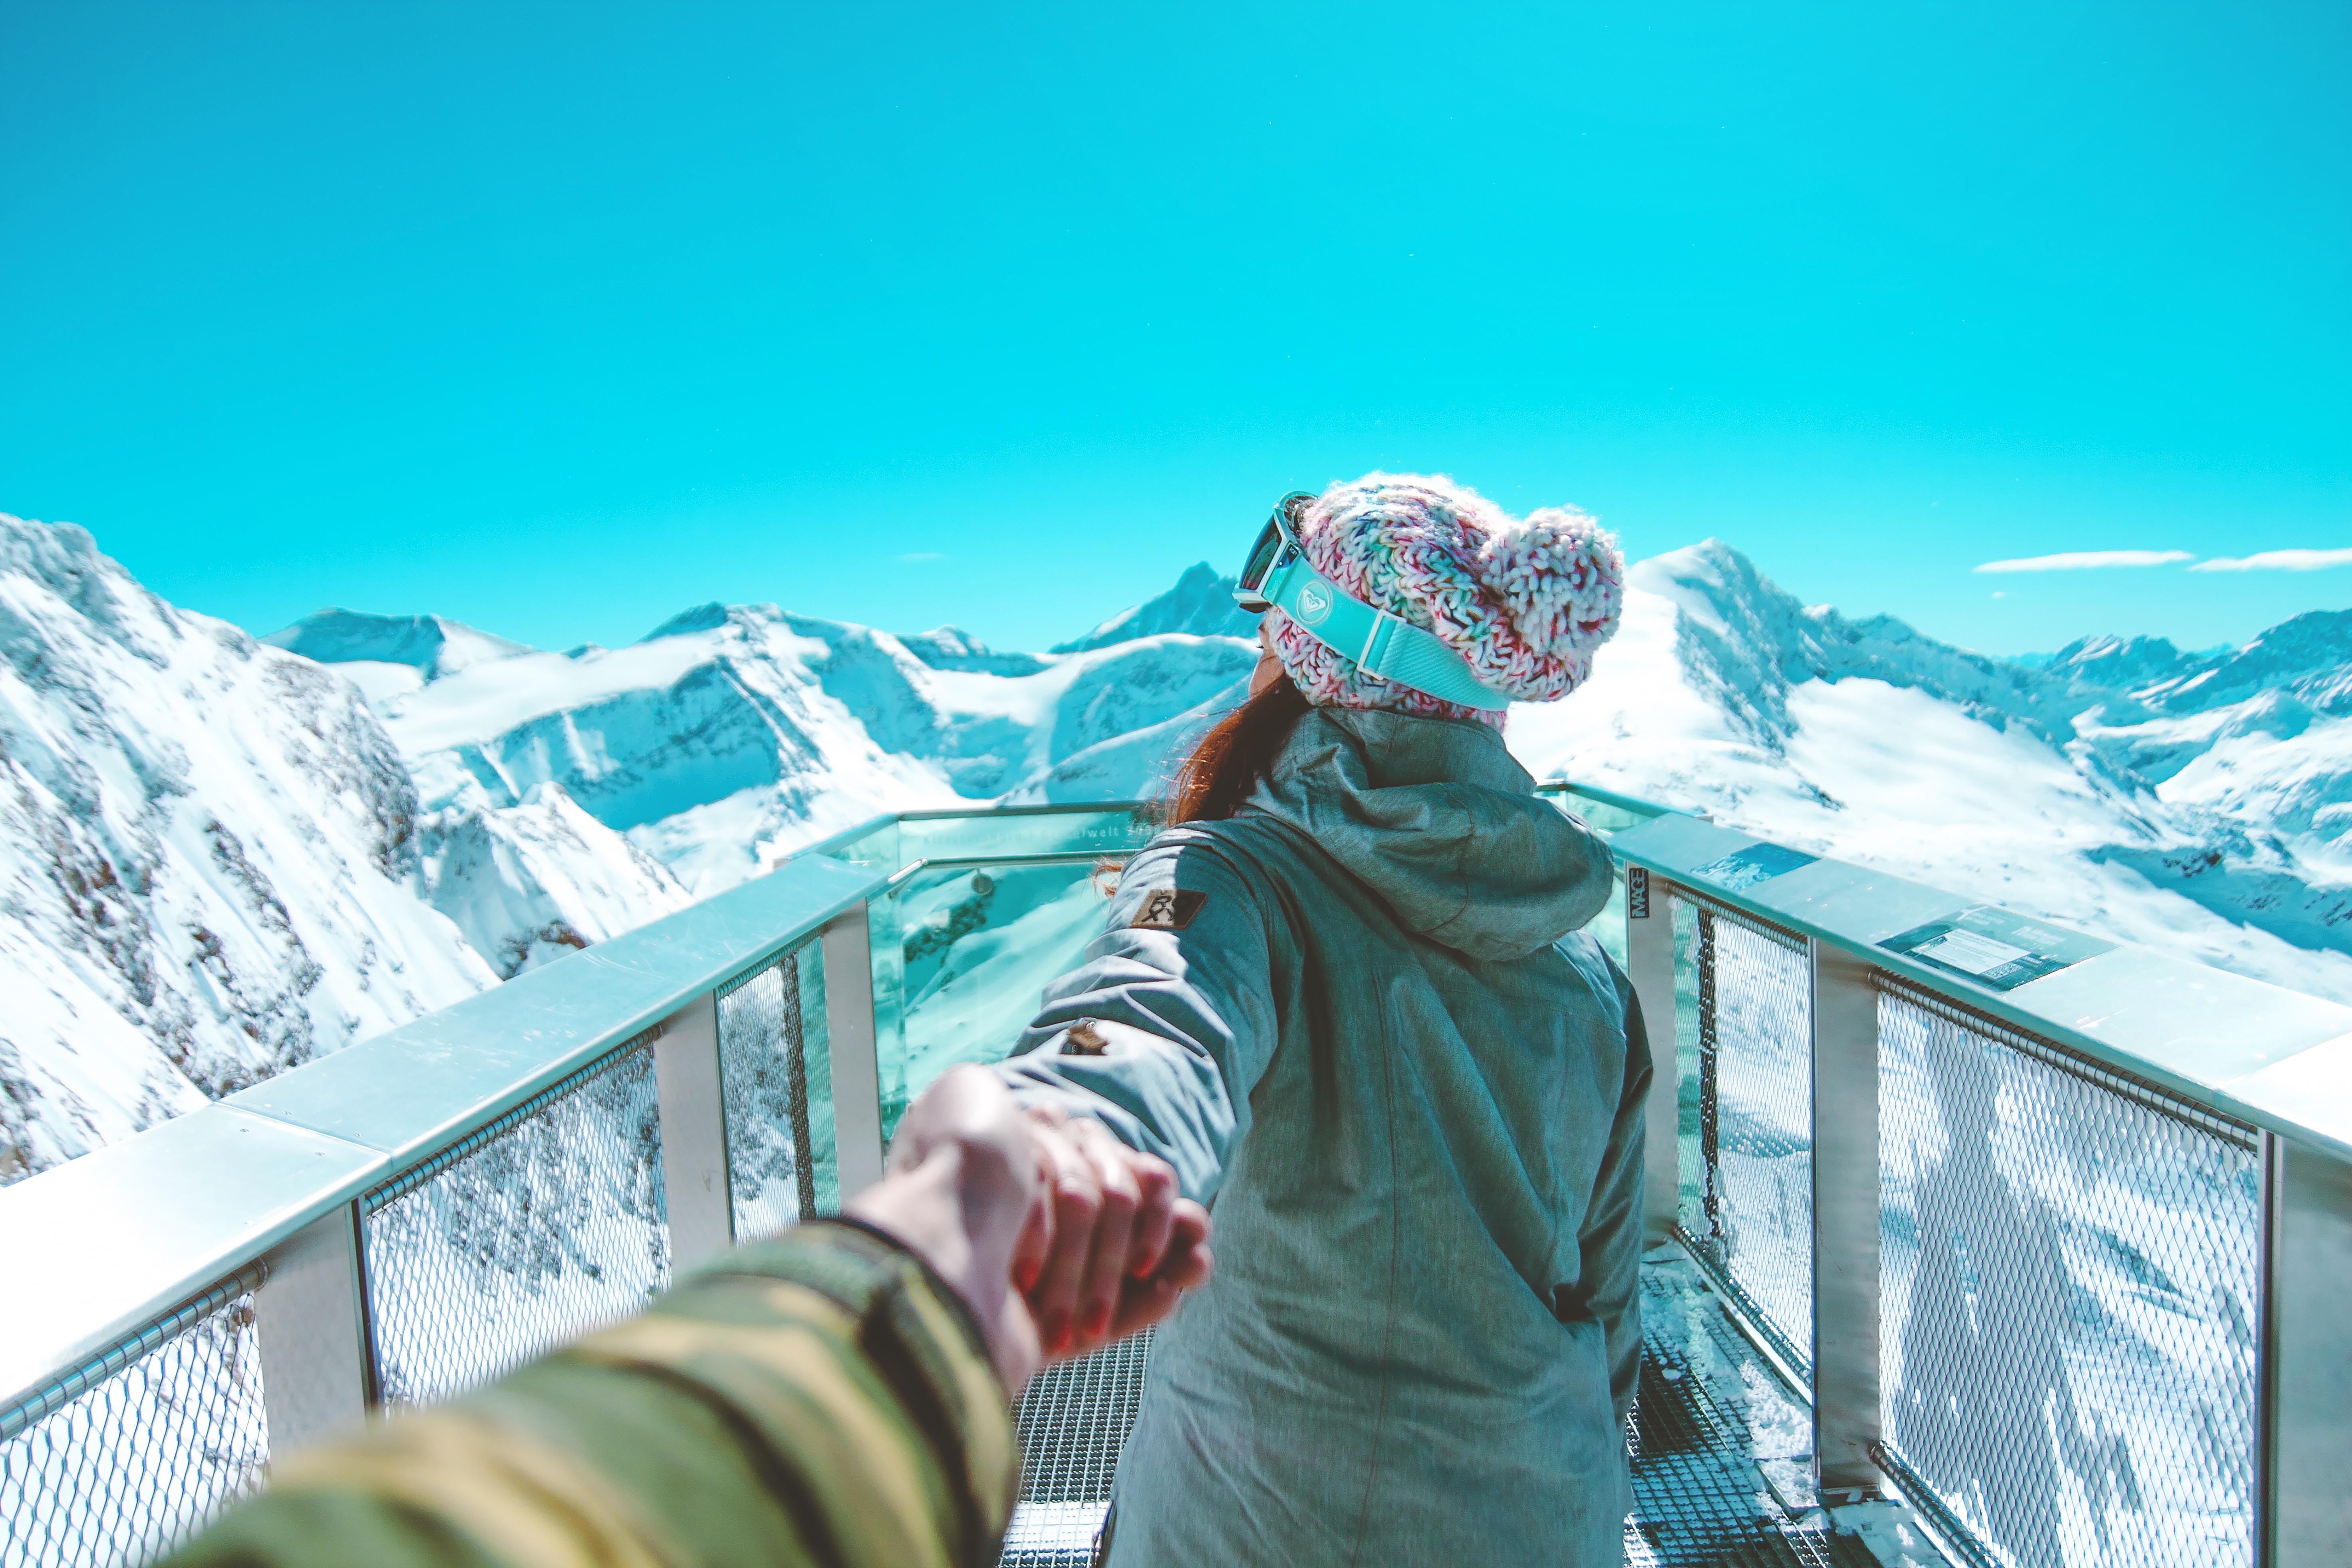 101301 Hintergrundbild 240x400 kostenlos auf deinem Handy, lade Bilder Sport, Mädchen, Mountains, Snowboarder, Sportlerin 240x400 auf dein Handy herunter